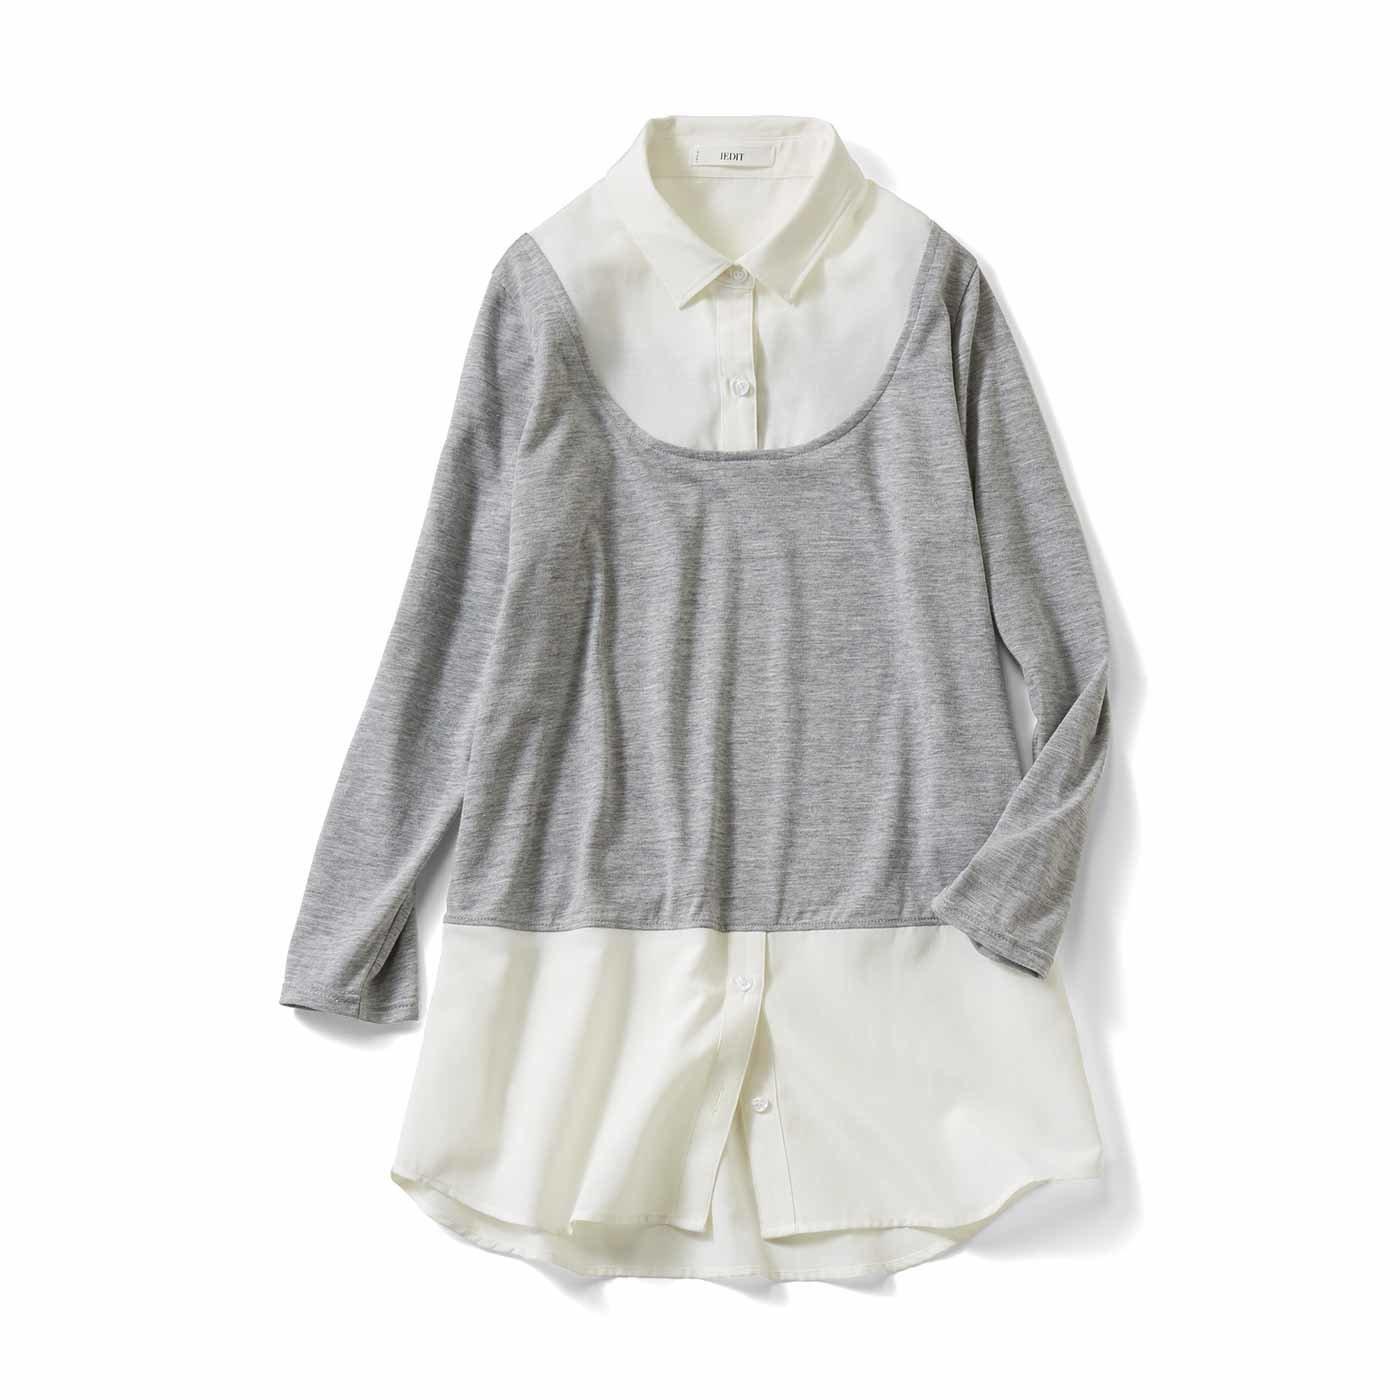 IEDIT[イディット] 着こなしにプラス シャツ衿付きレイヤードカットソートップス〈ホワイト〉